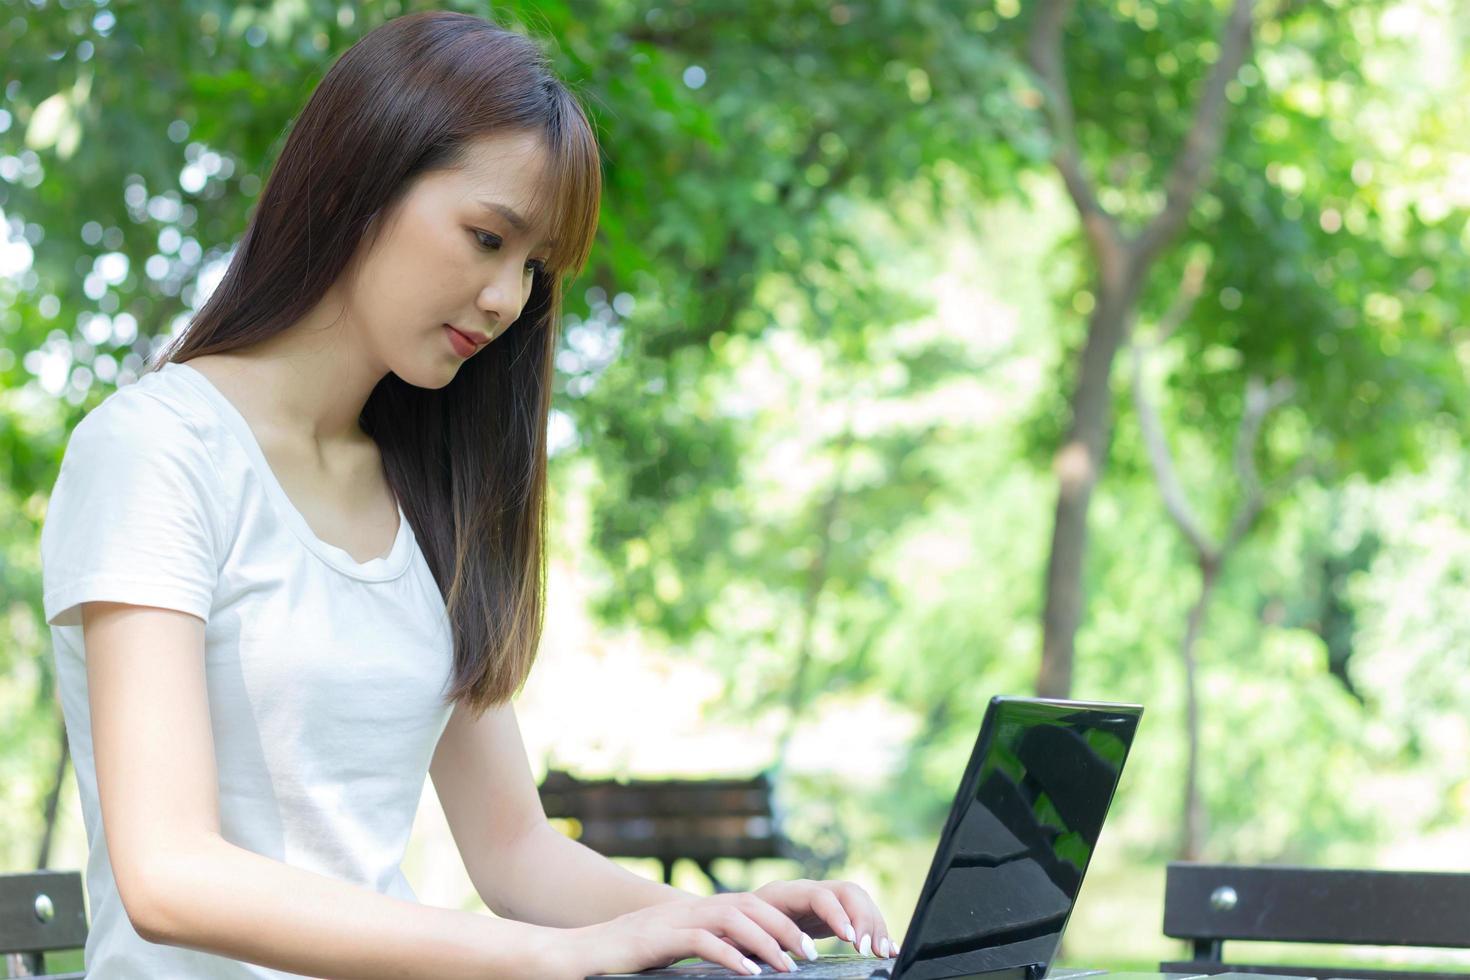 asiatische Frau, die mit einem Laptop in einem Park sitzt foto